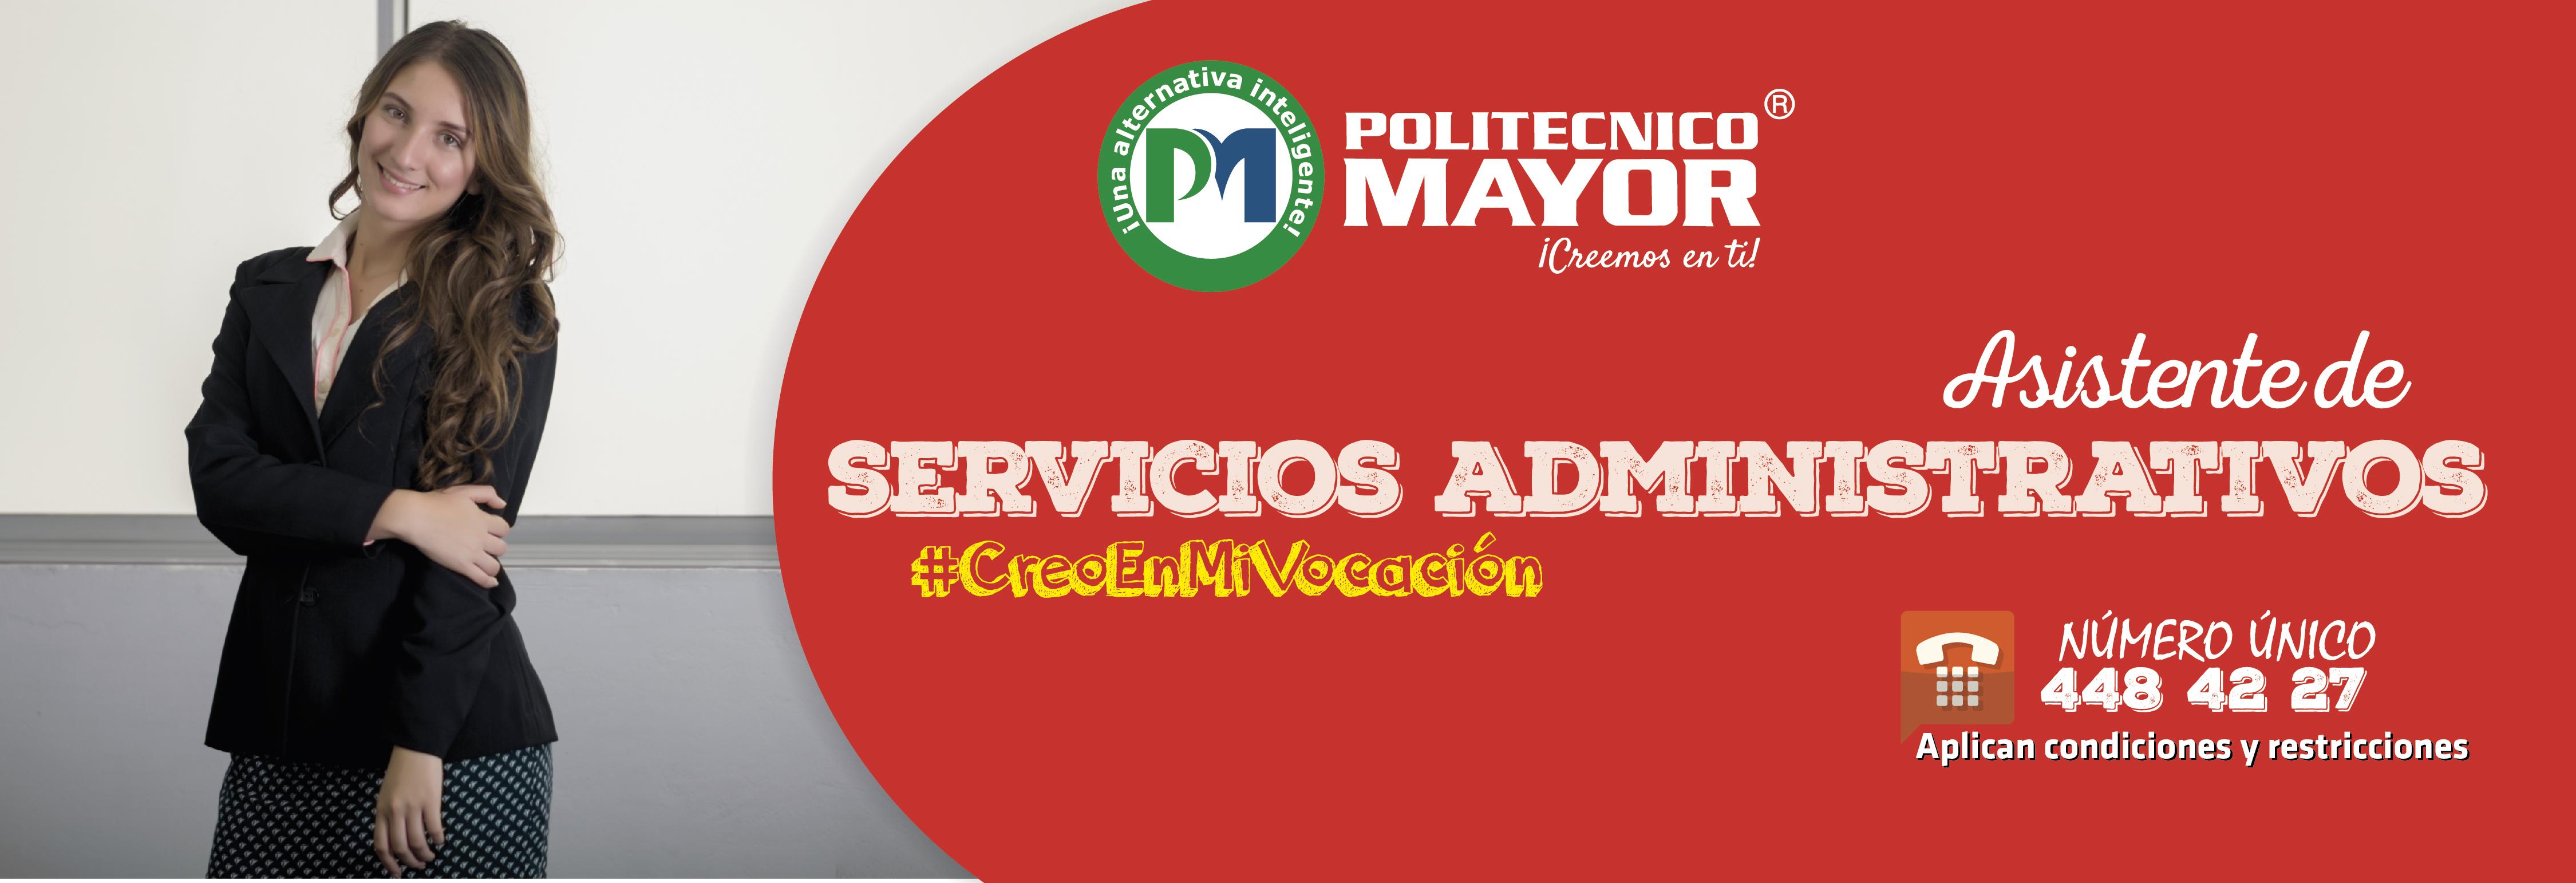 Asistente-de-Servicios-Administrativos-01-01